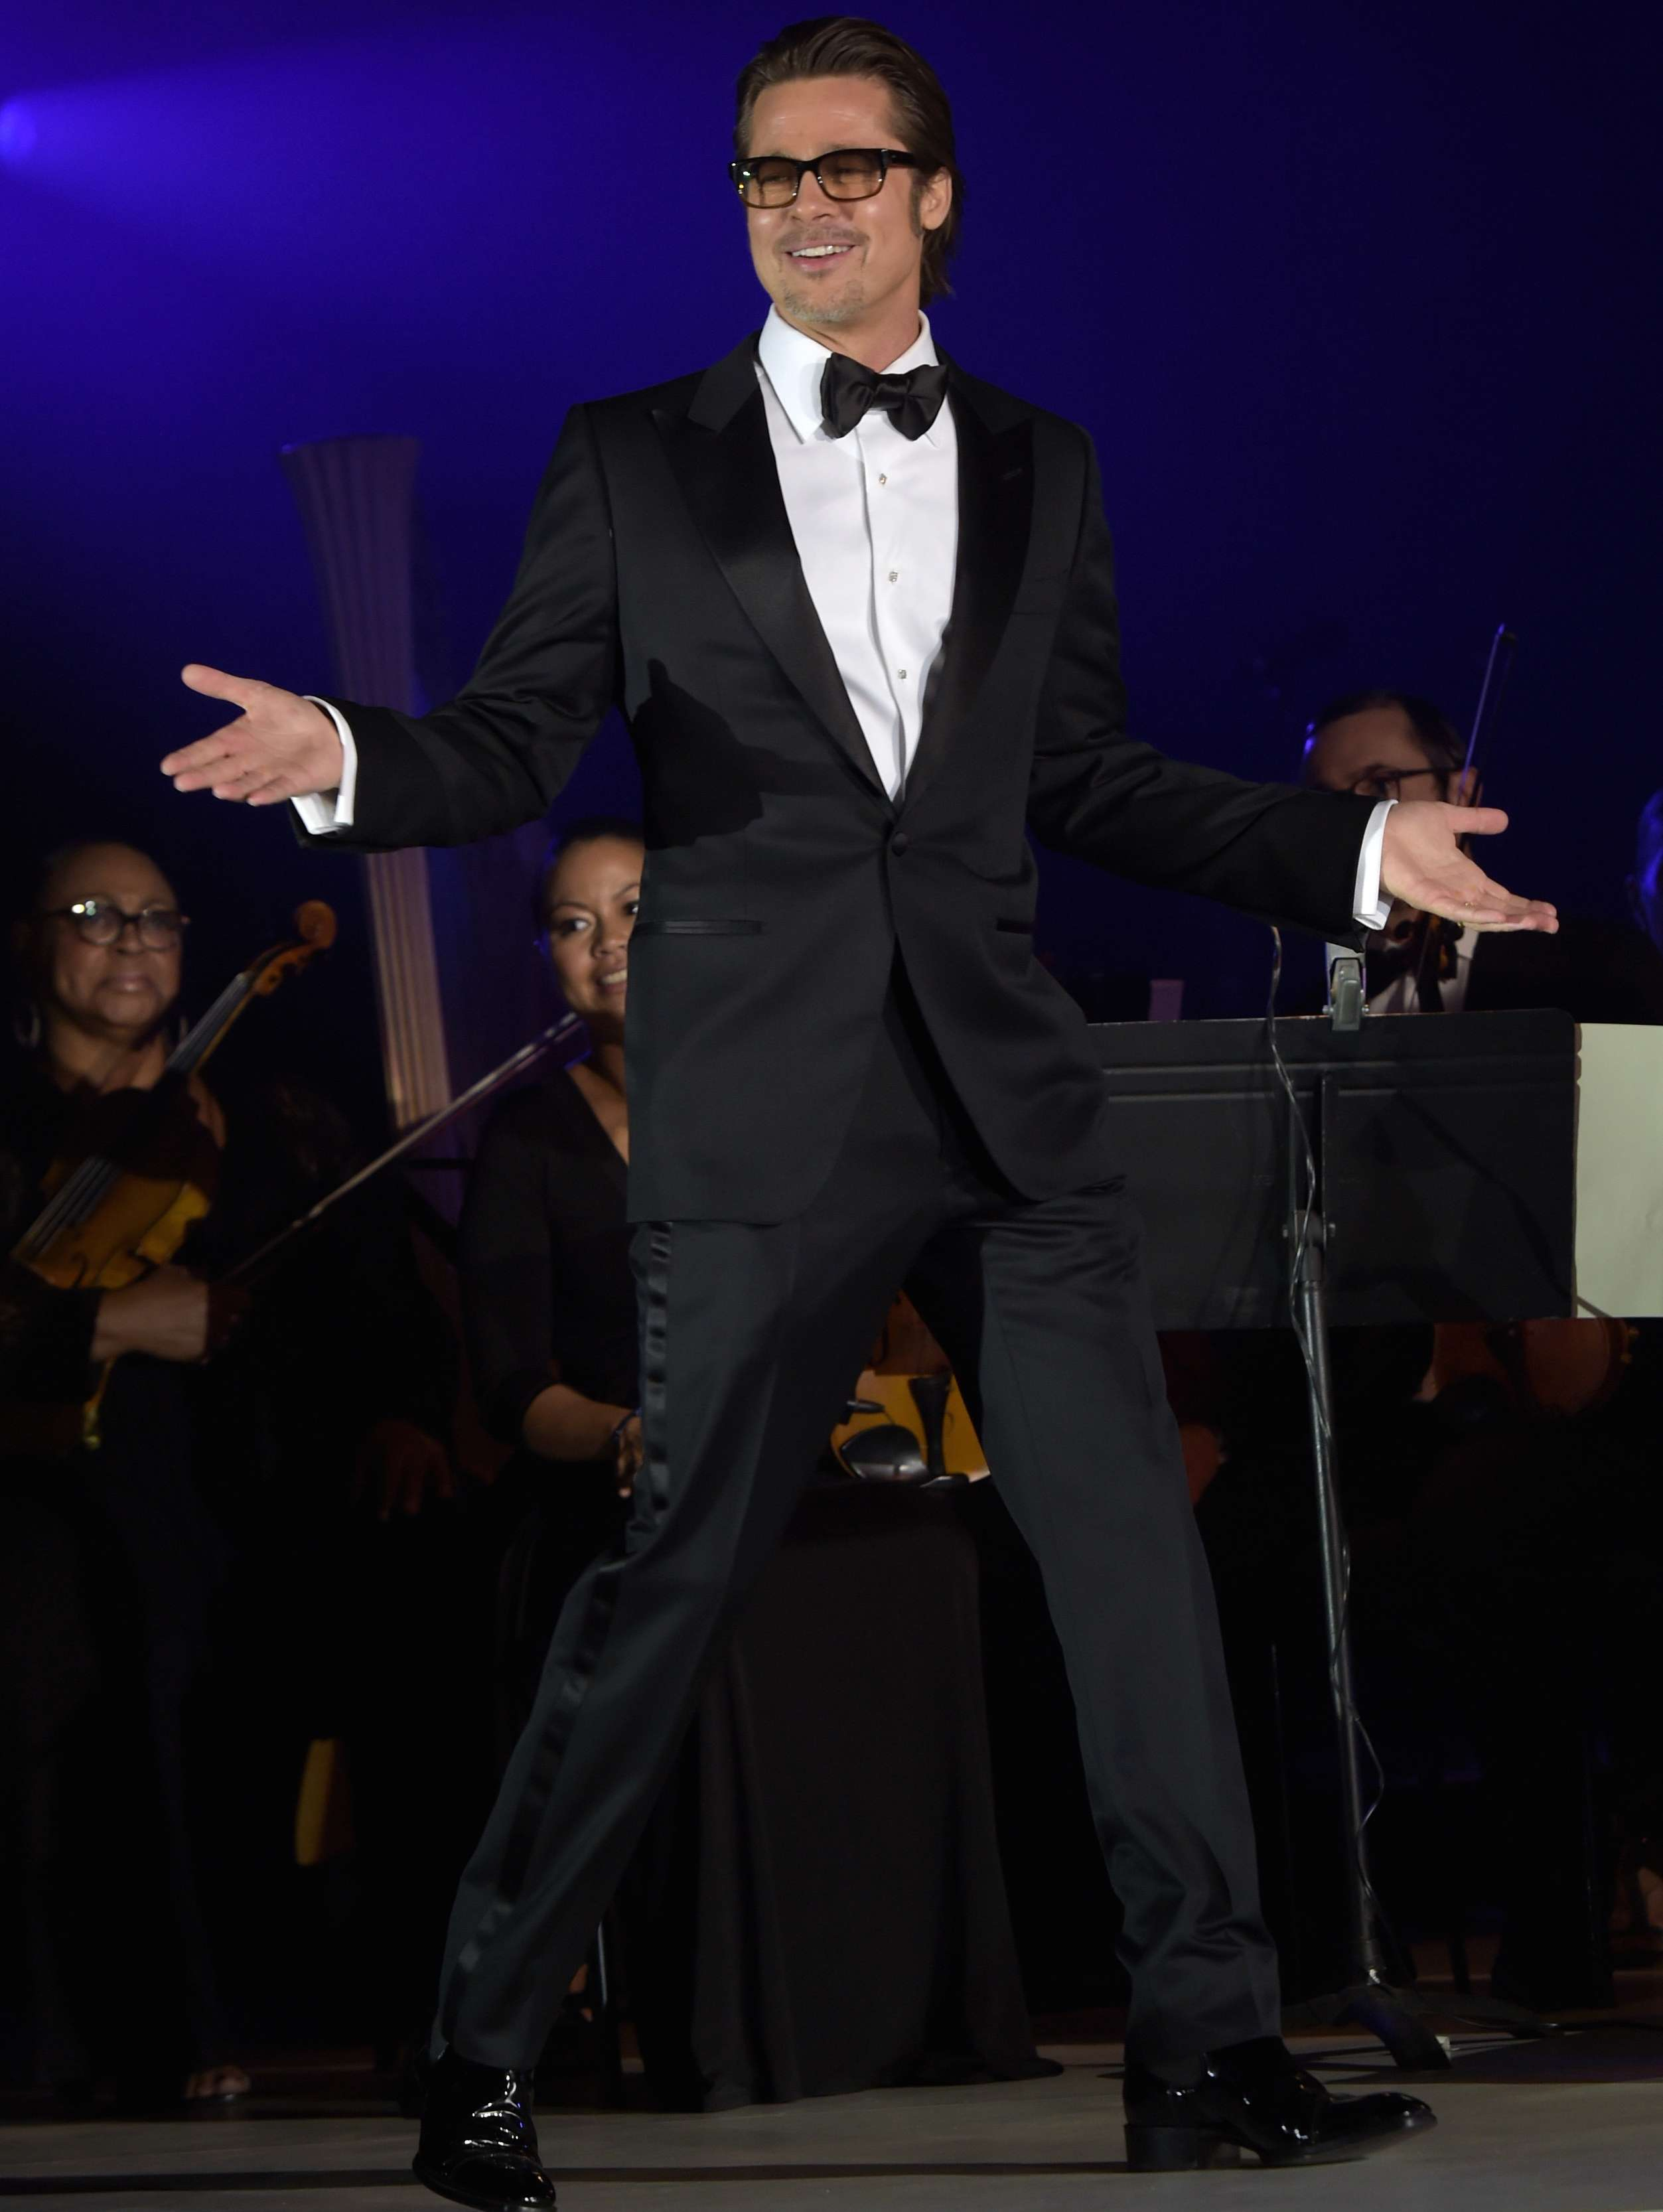 Brad Pitt quiso cumplir con su deber como ciudadano americano pero no lo dejaron. Foto: Getty Images